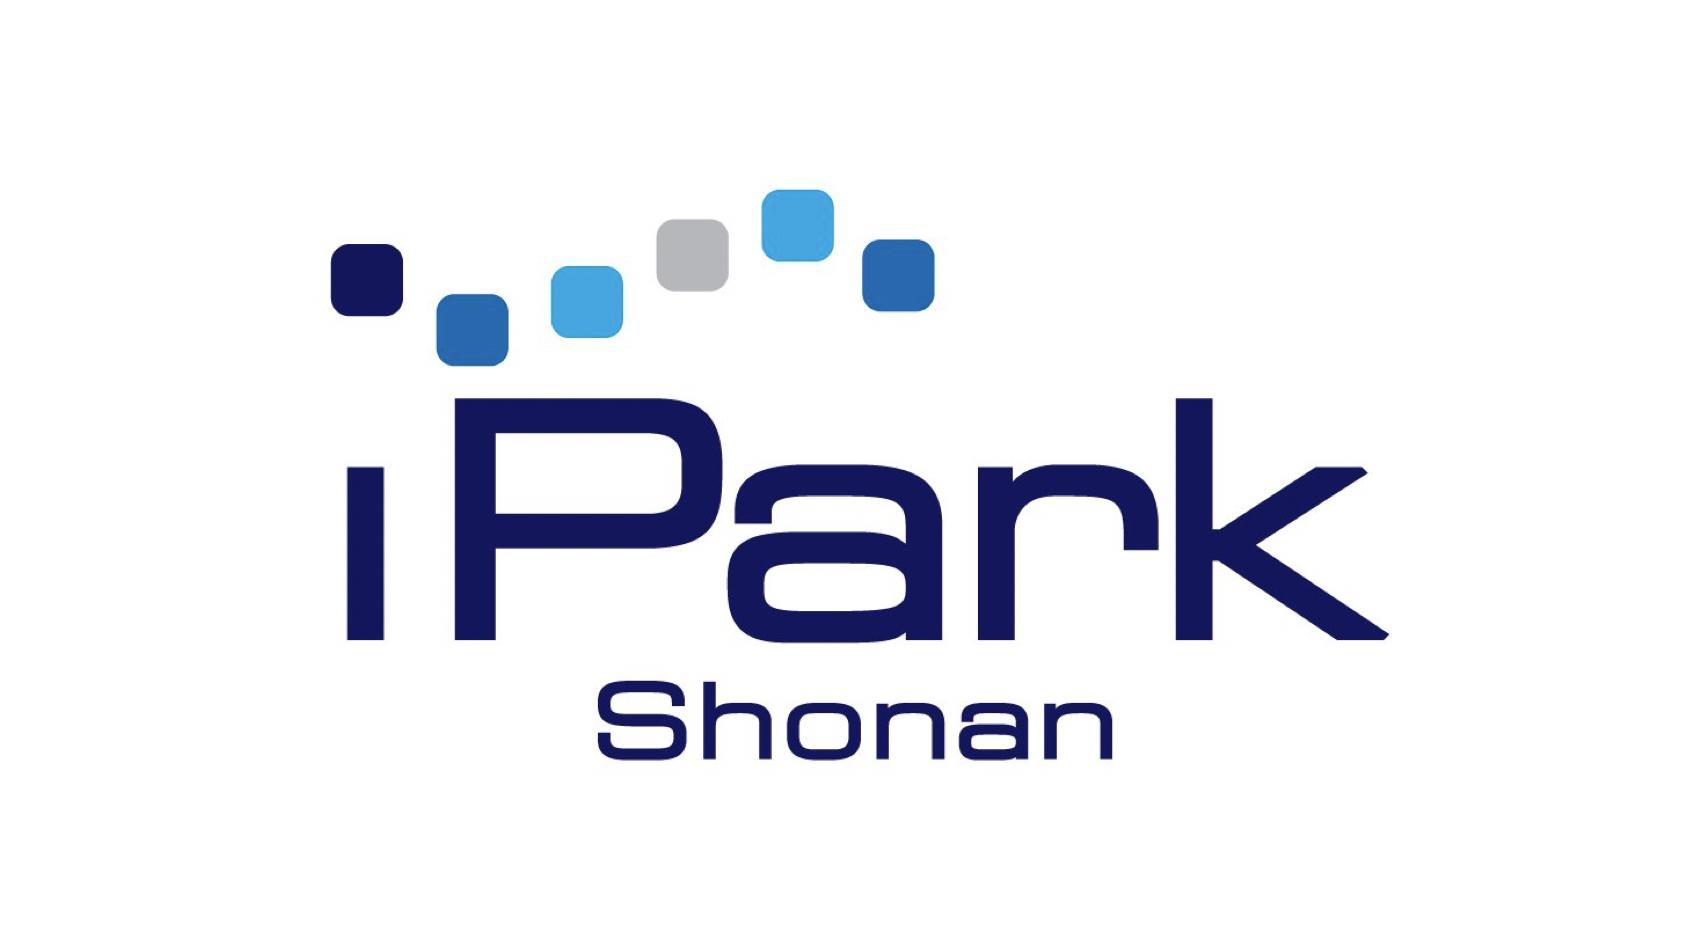 湘南アイパーク、民間企業の共創による3つの「認知症ビジネスモデル」を発表